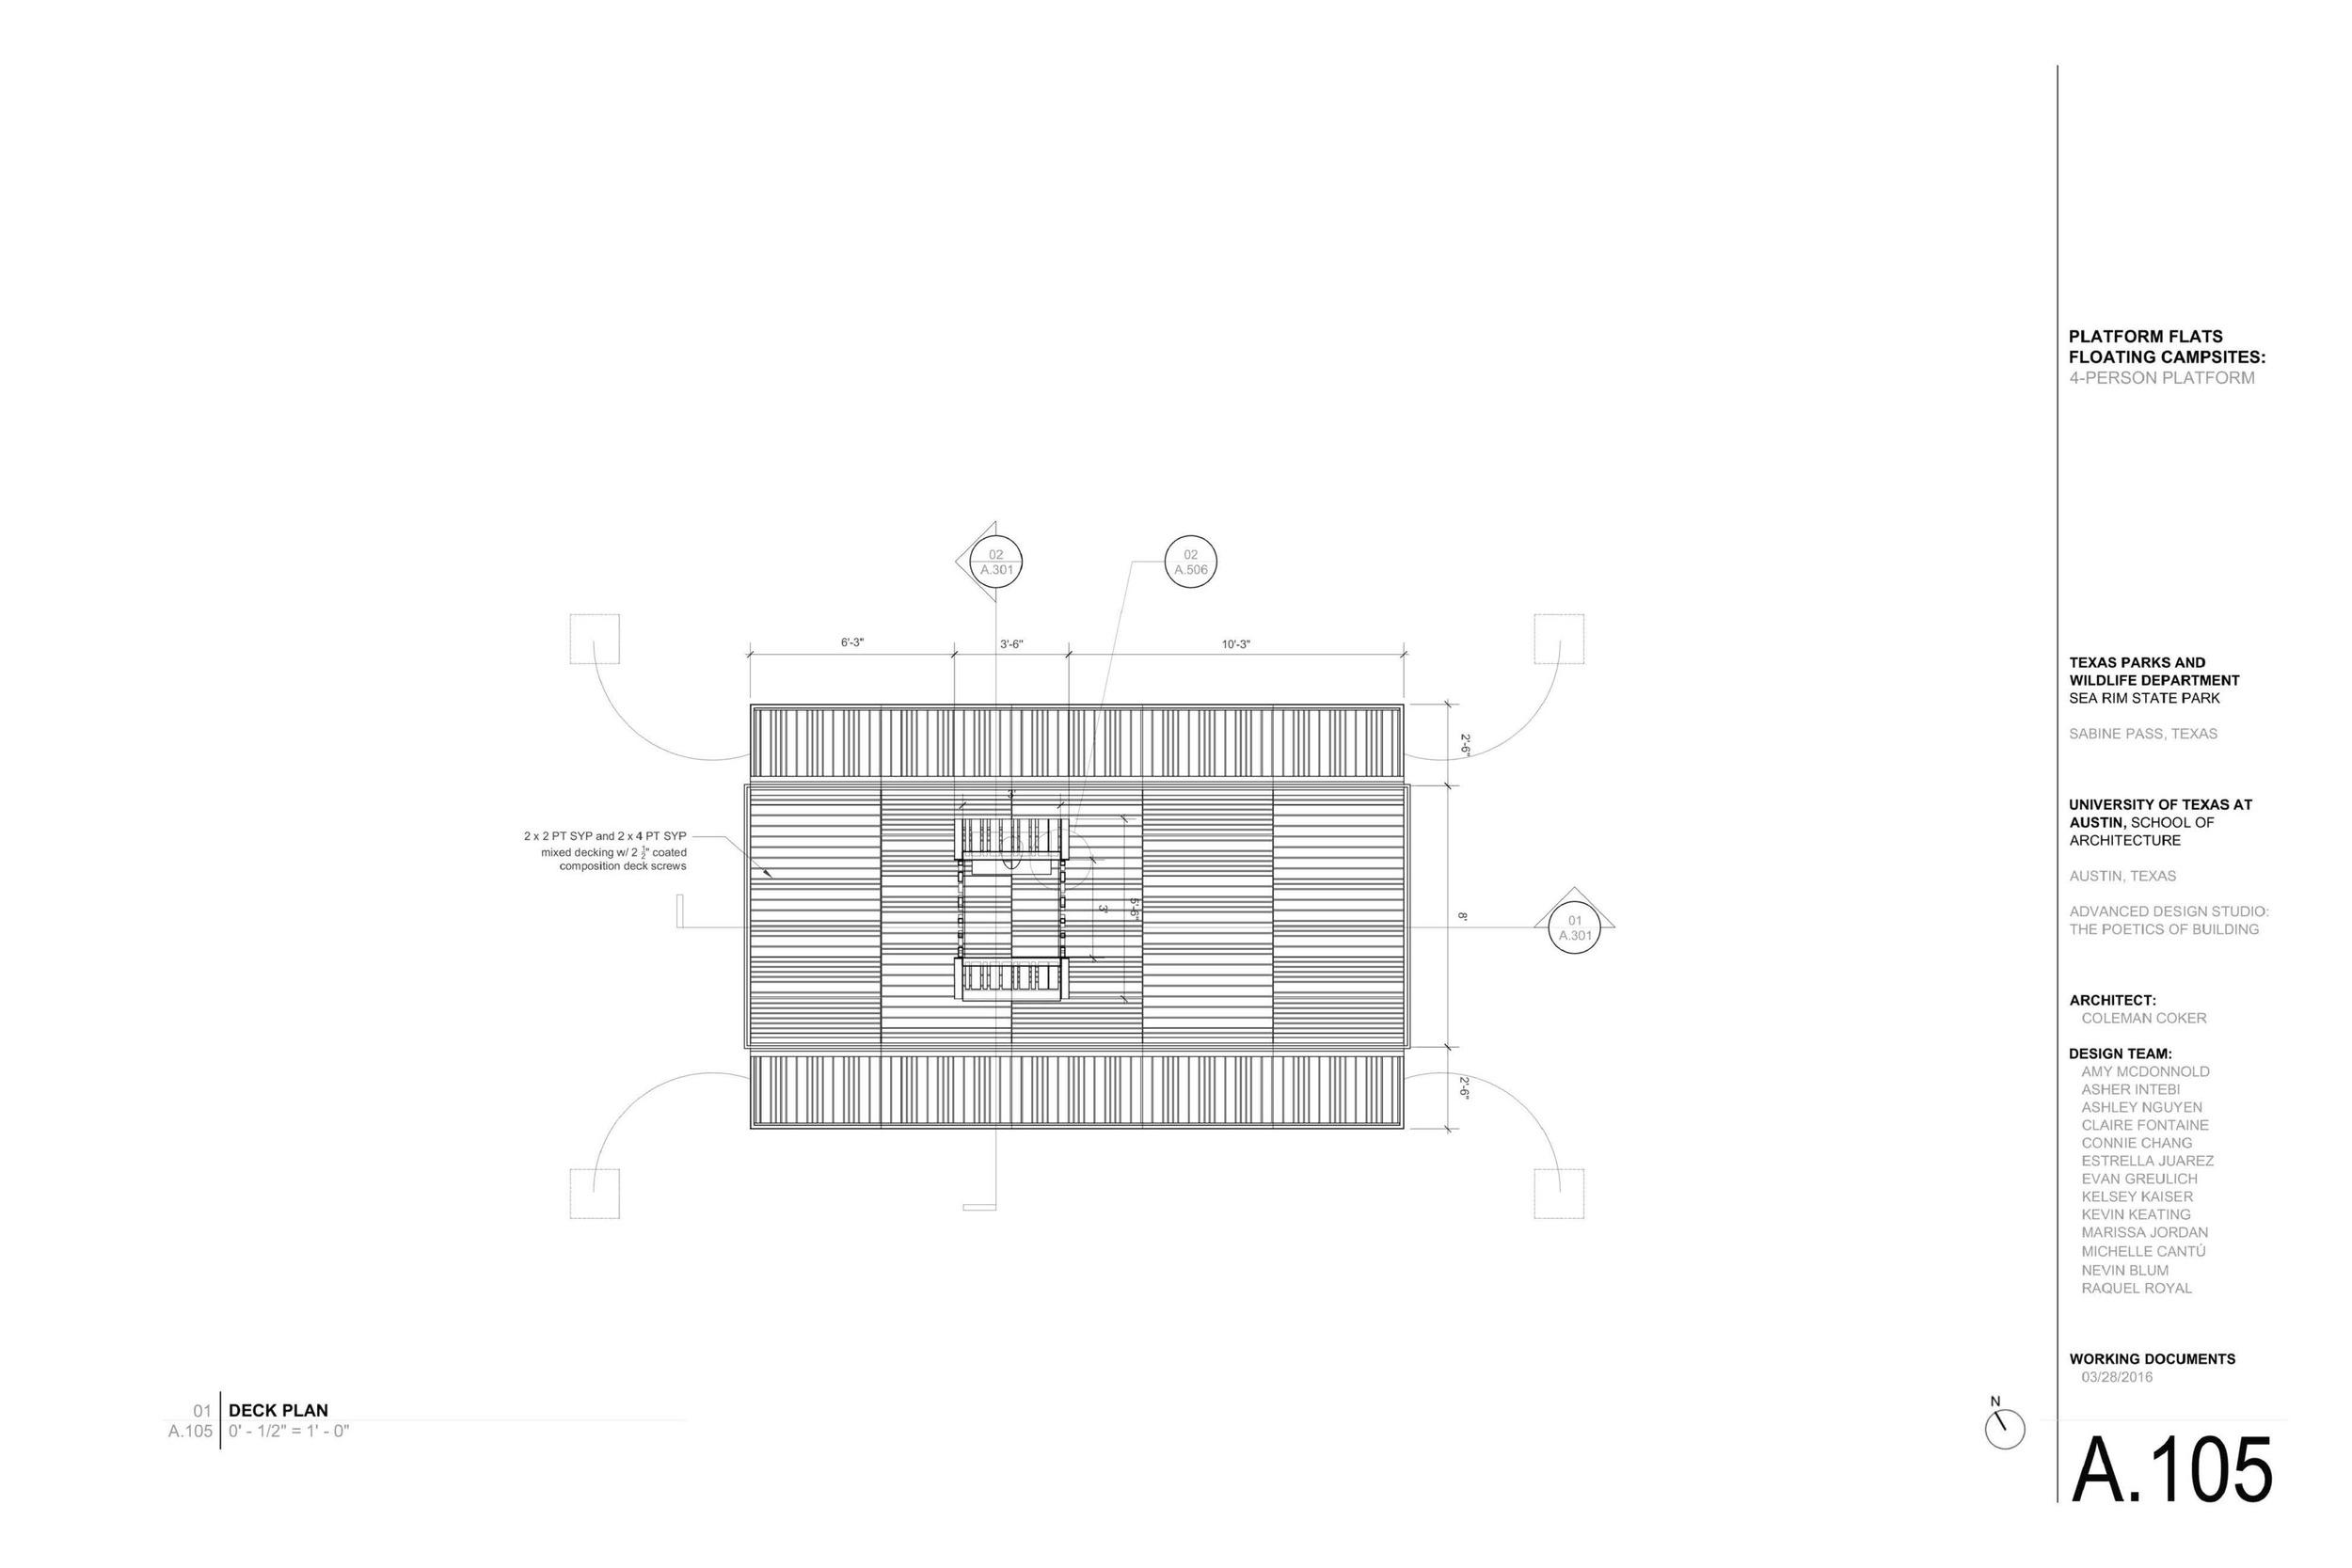 Platform_Flats_WD_revised_Page_05.jpg